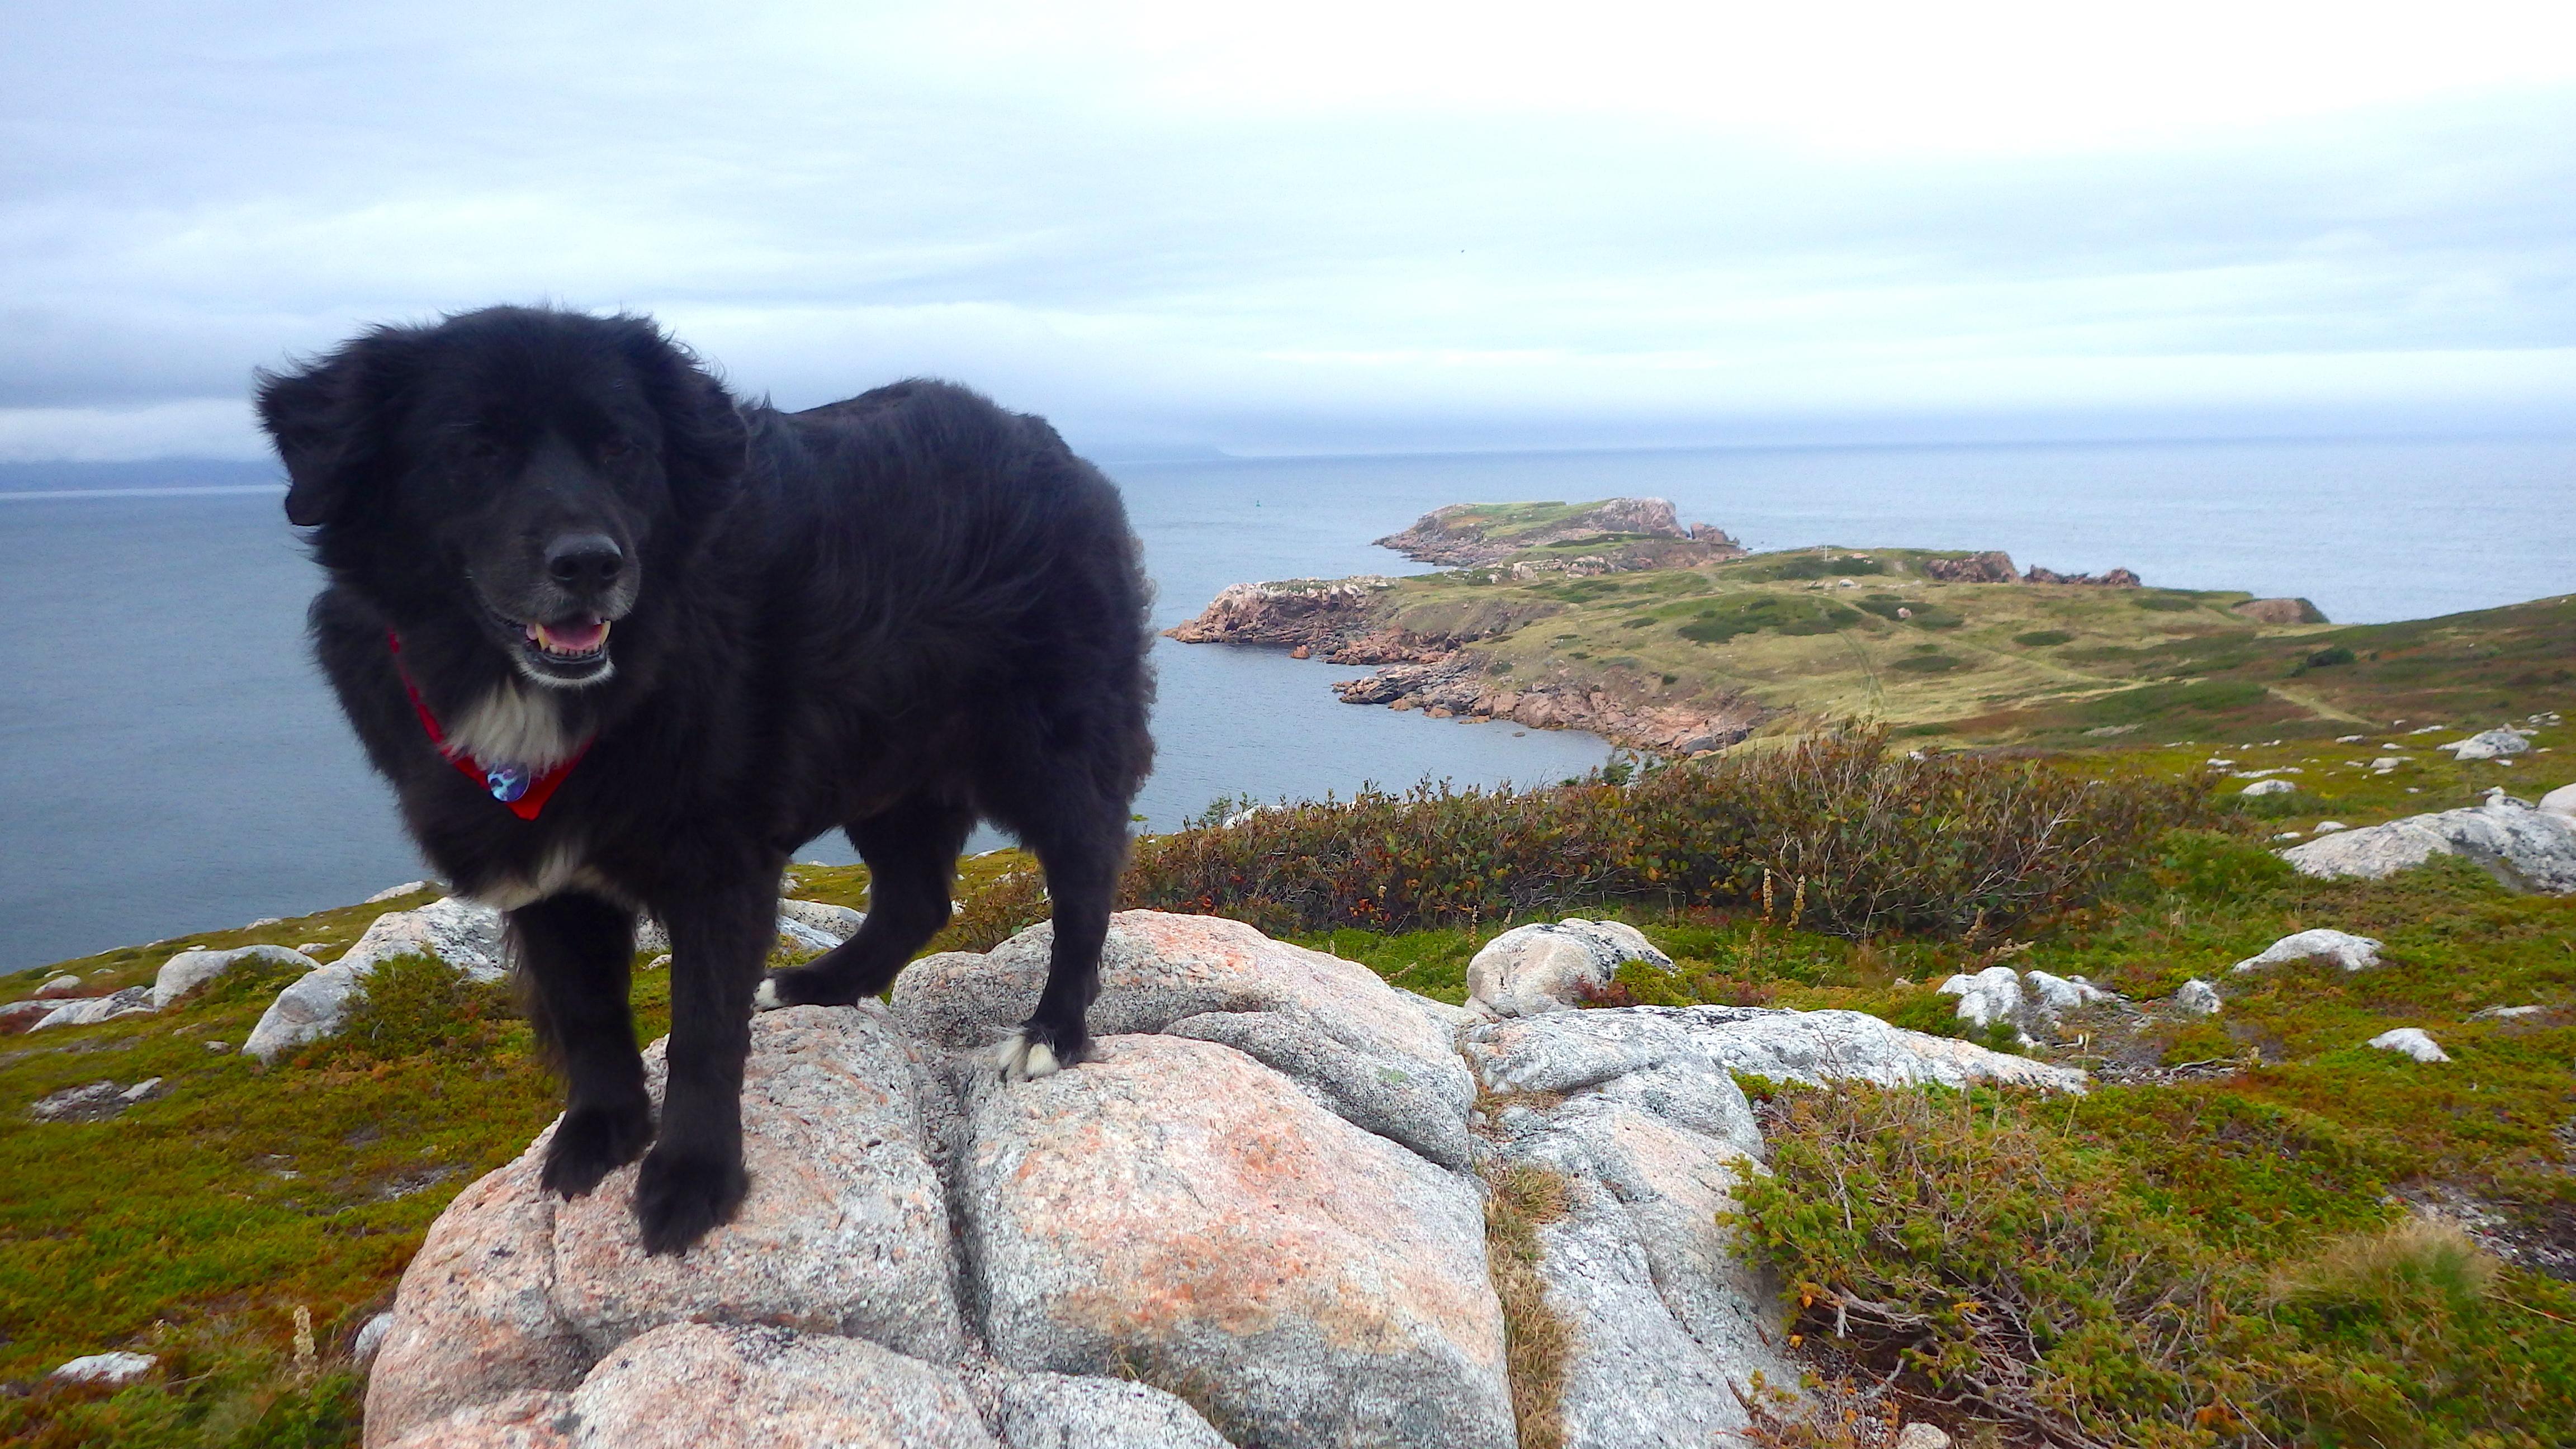 Cape Breton Free Dogs